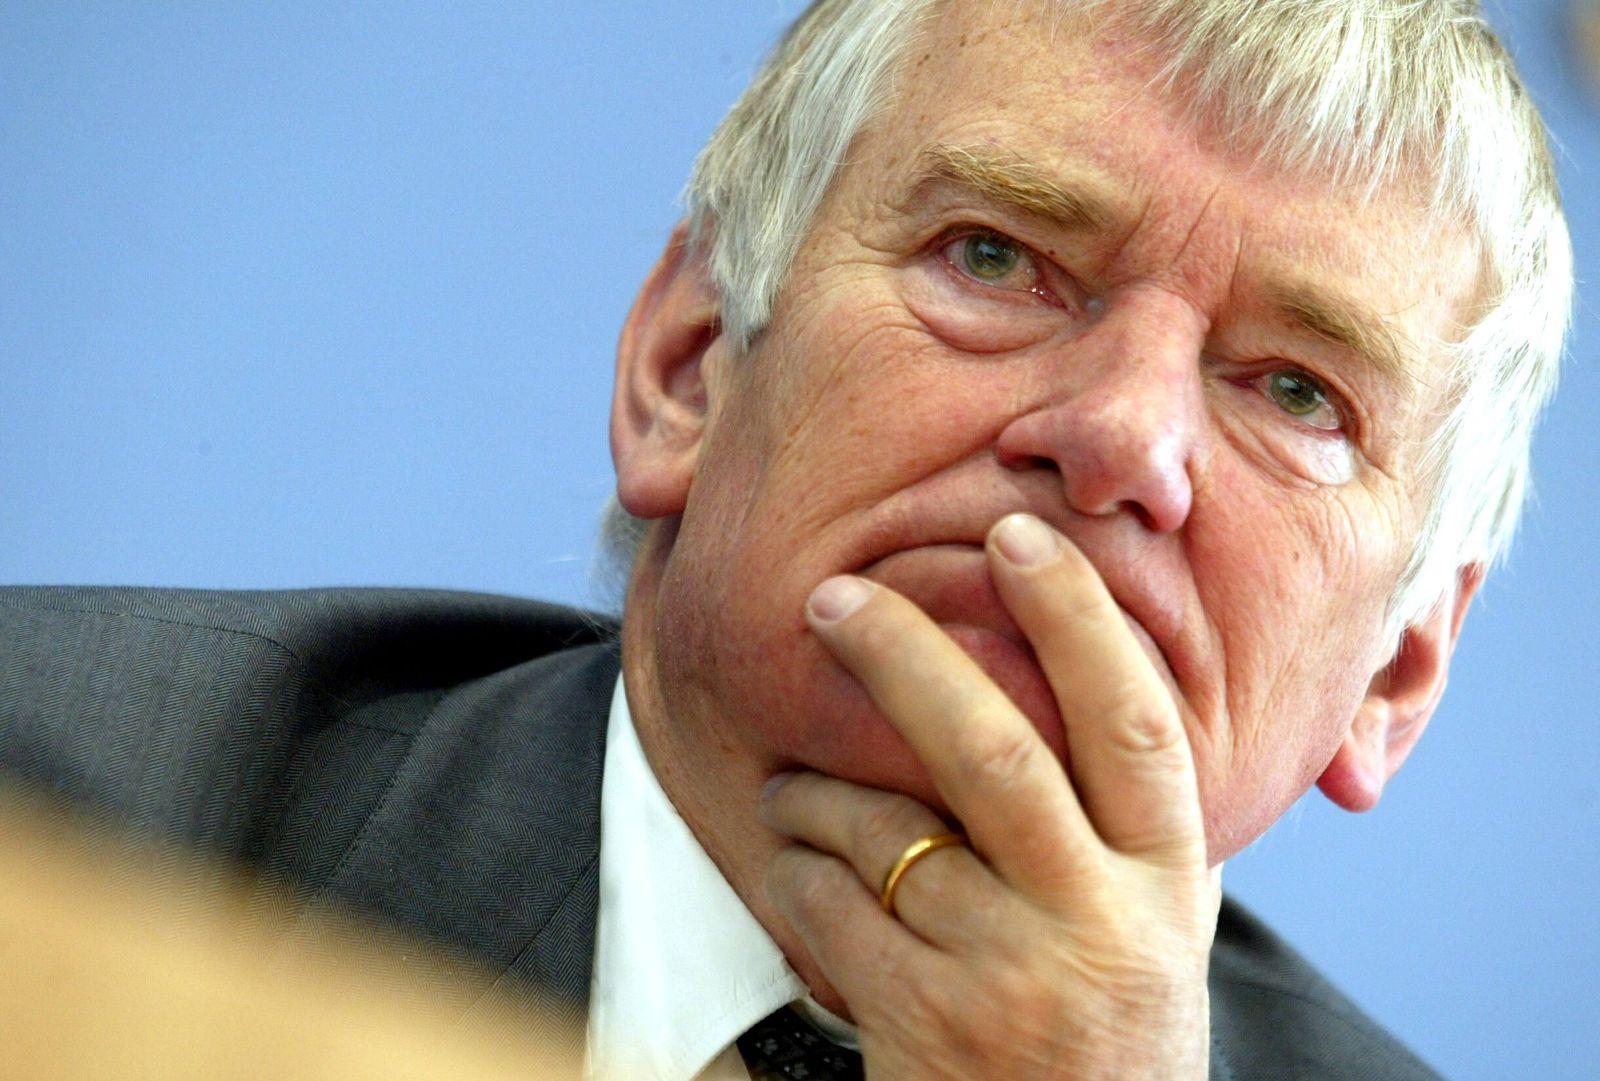 NICHT VERWENDEN Bundestagspraesidium verhaengt Ordnungsgeld gegen Schily